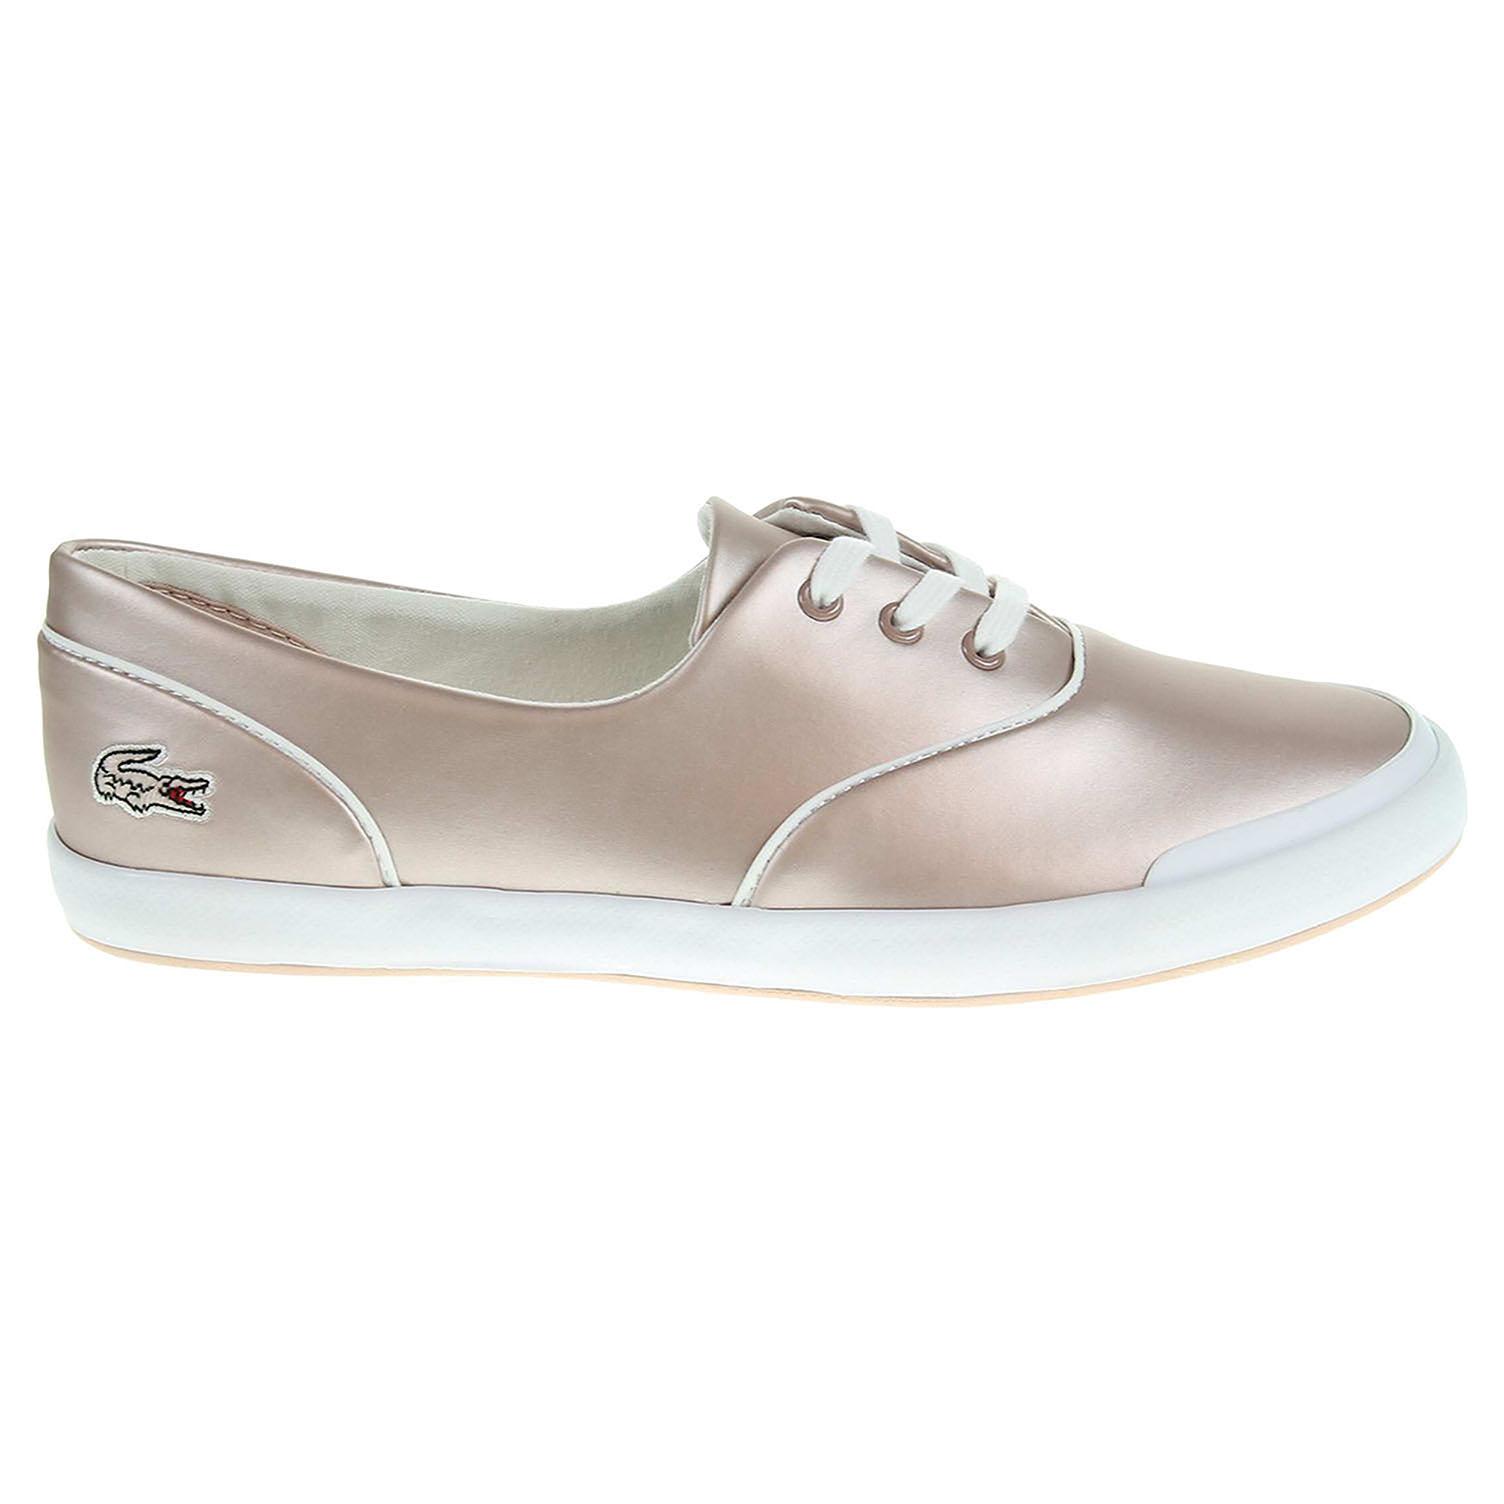 Lacoste Lancelle 3 Eye dámská obuv růžová 37